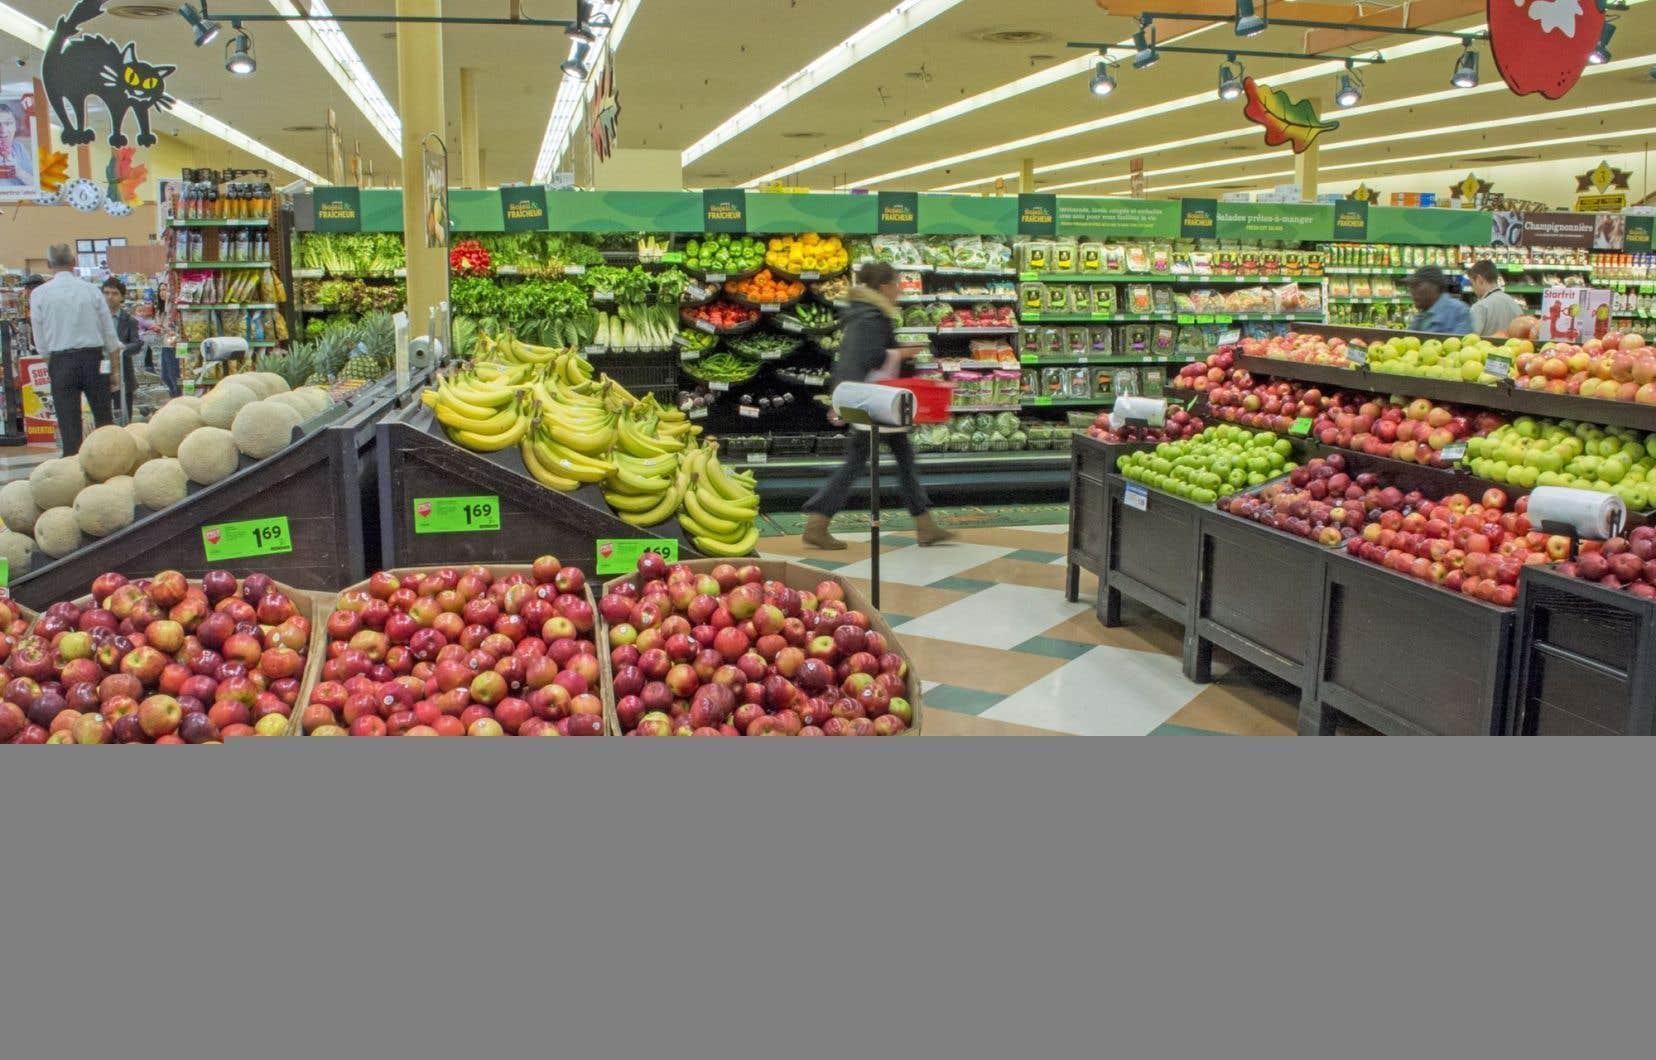 Environ un quart des répondants ont déclaré avoir mangé moins de fruits et de légumes au cours des 12 derniers mois.